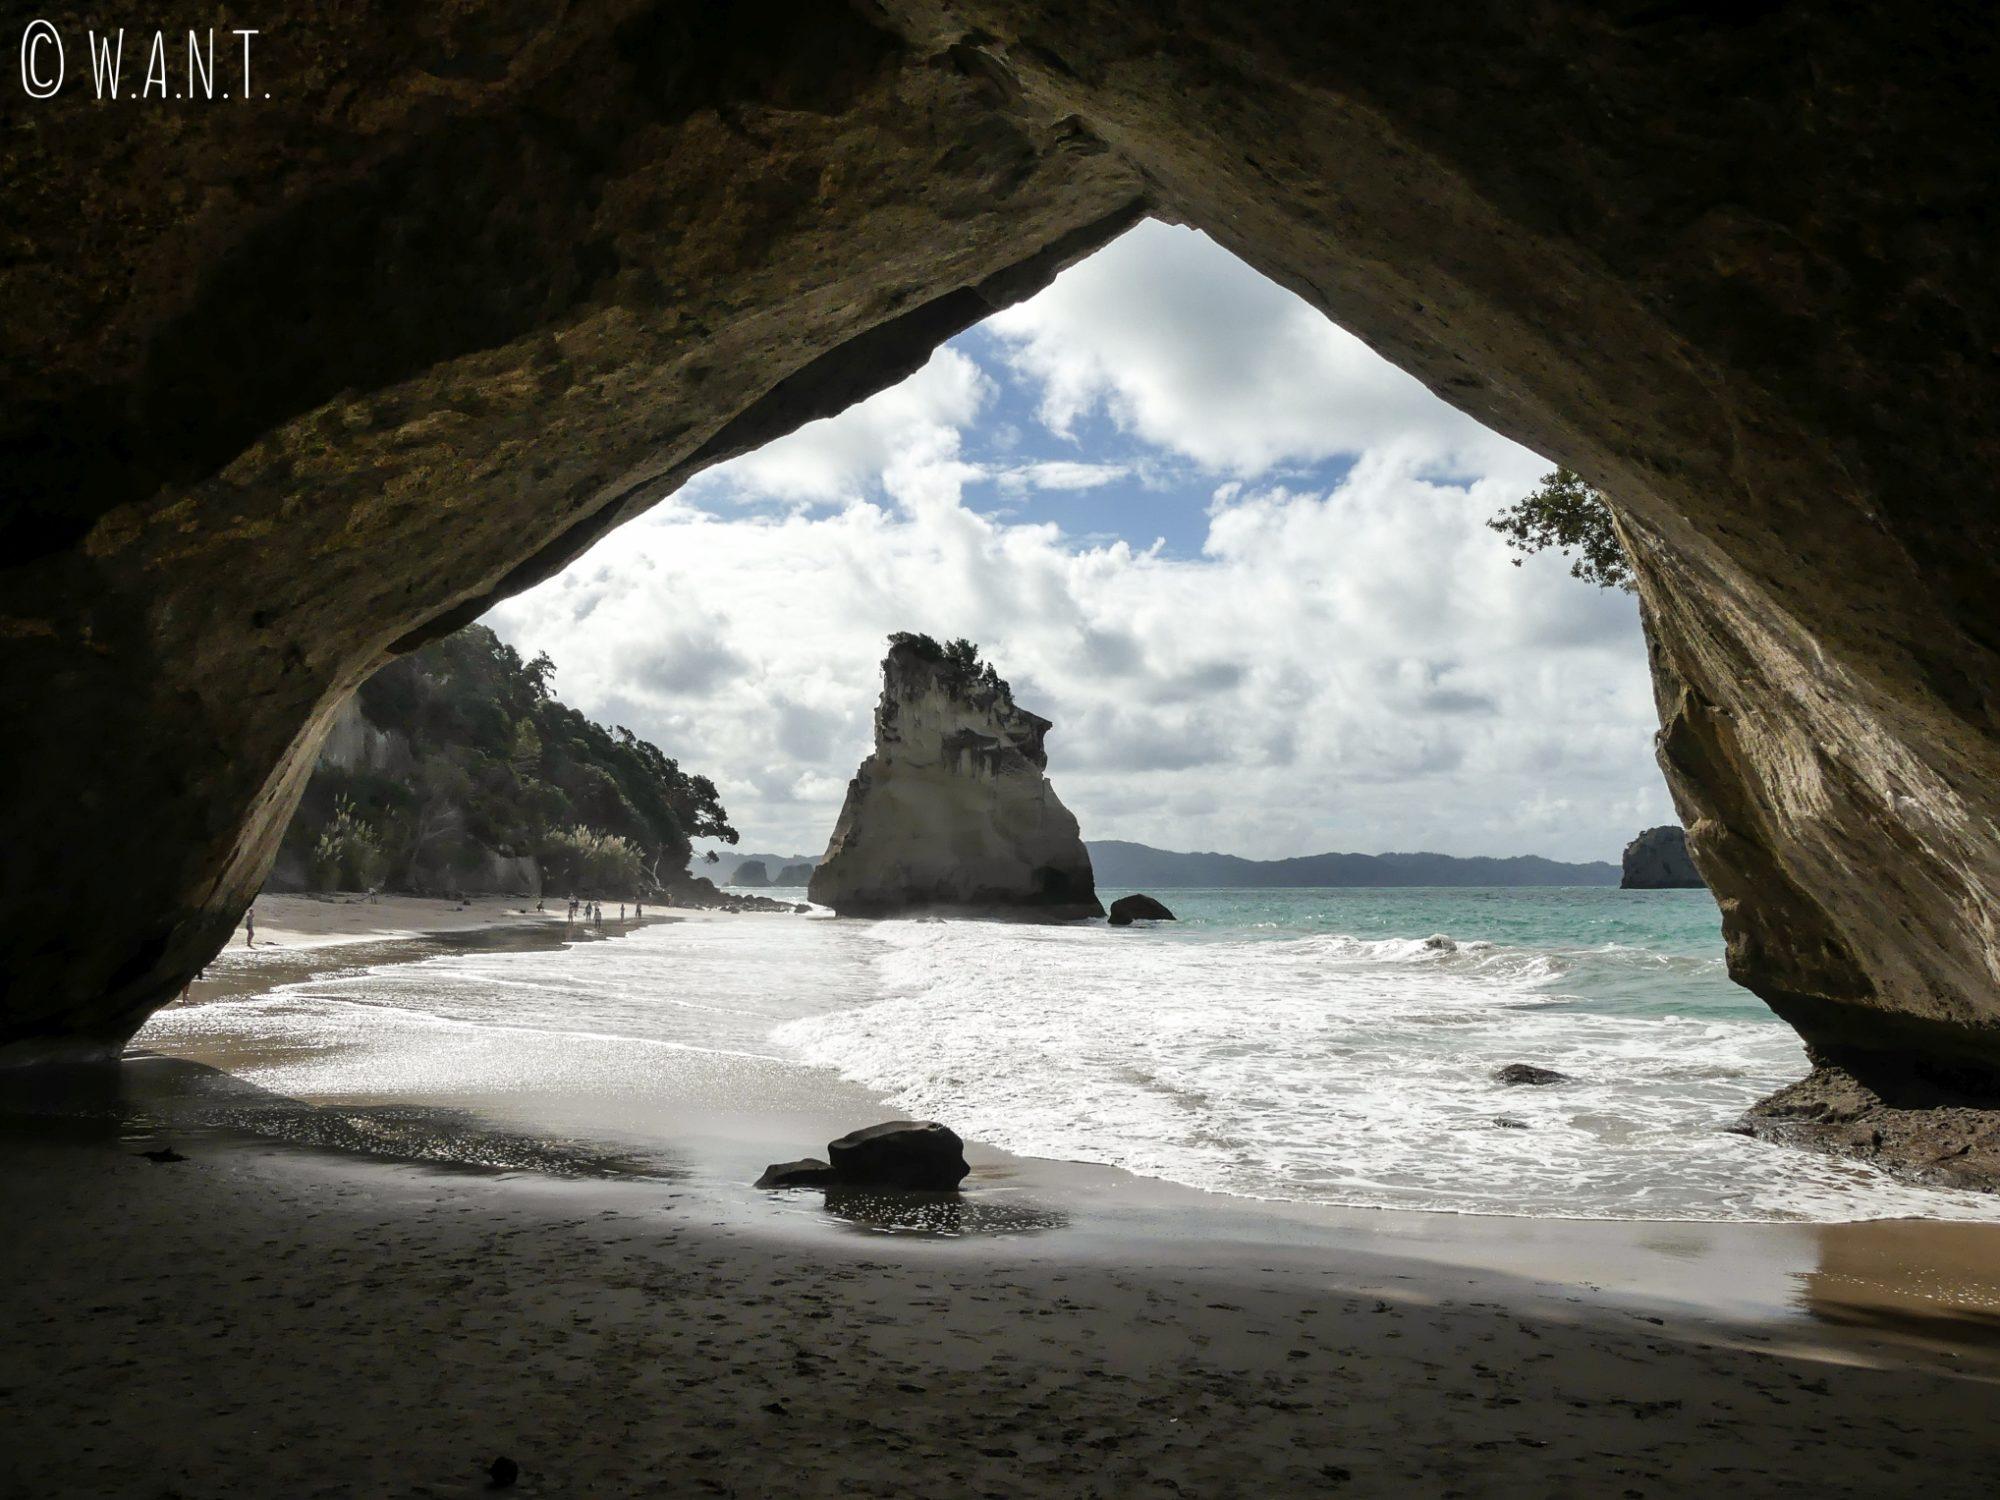 Cathedral Cove, le fameux paysage du film Narnia avec la vue sur Te Hoho Rock